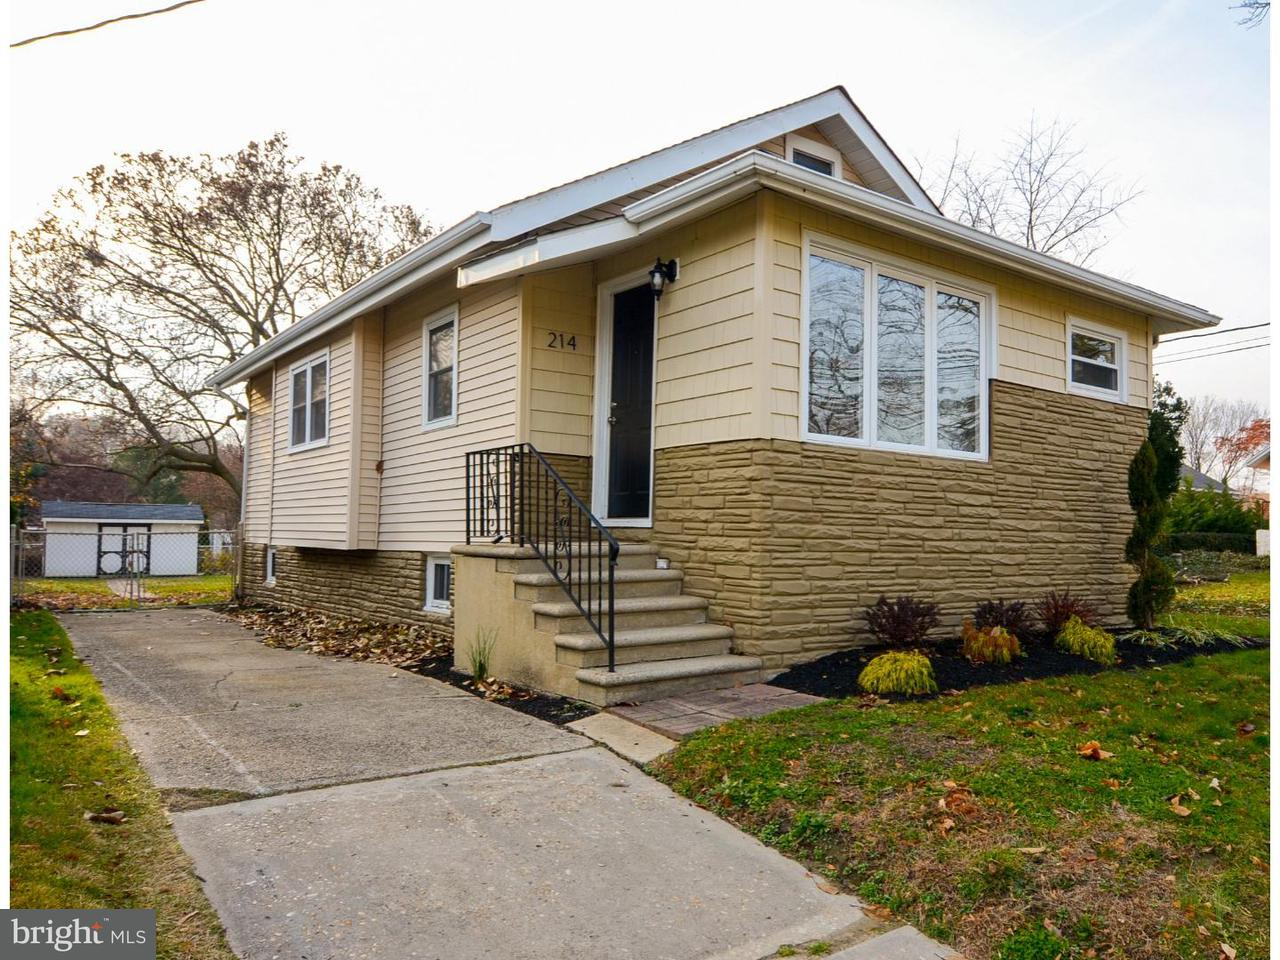 Частный односемейный дом для того Продажа на 214 HAMPSHIRE Avenue Audubon, Нью-Джерси 08106 Соединенные Штаты